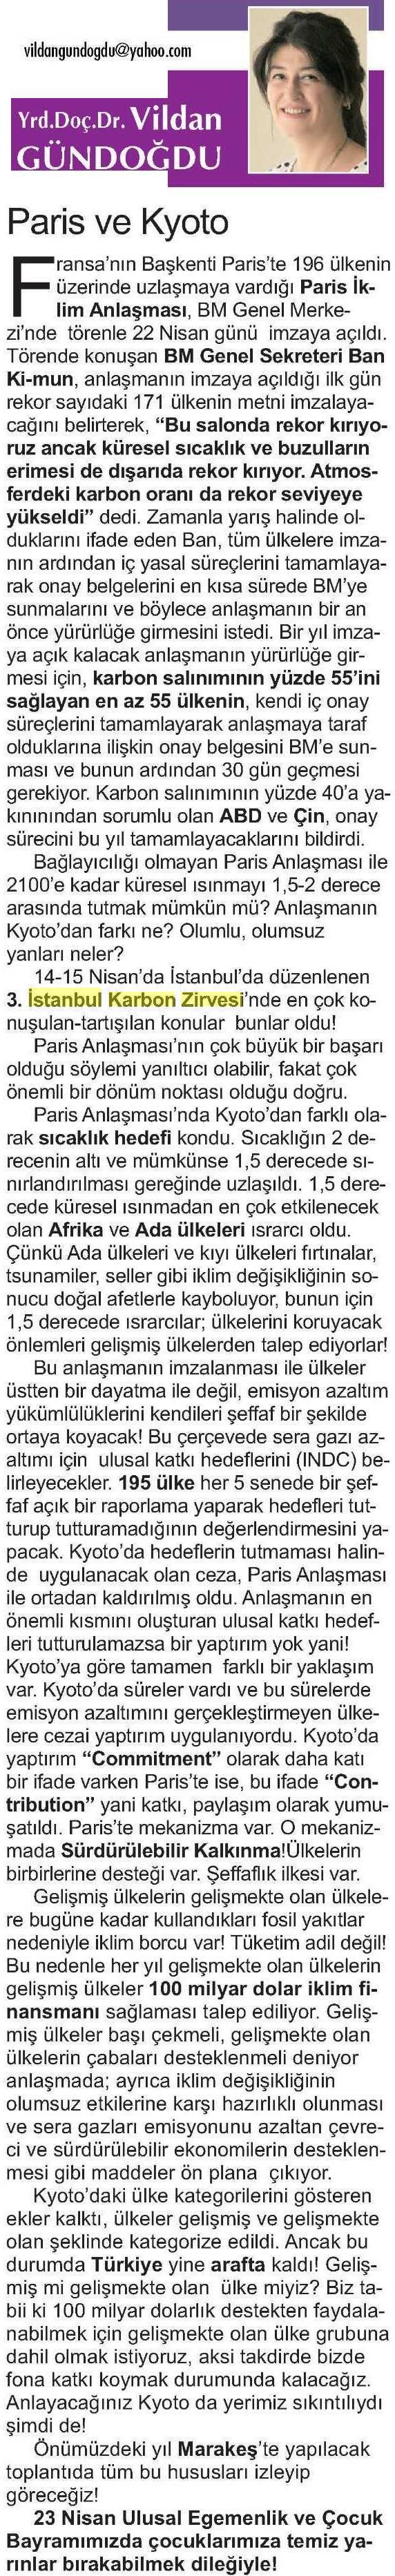 İzmir 9 Eylul Gazetesi 24.04.2016